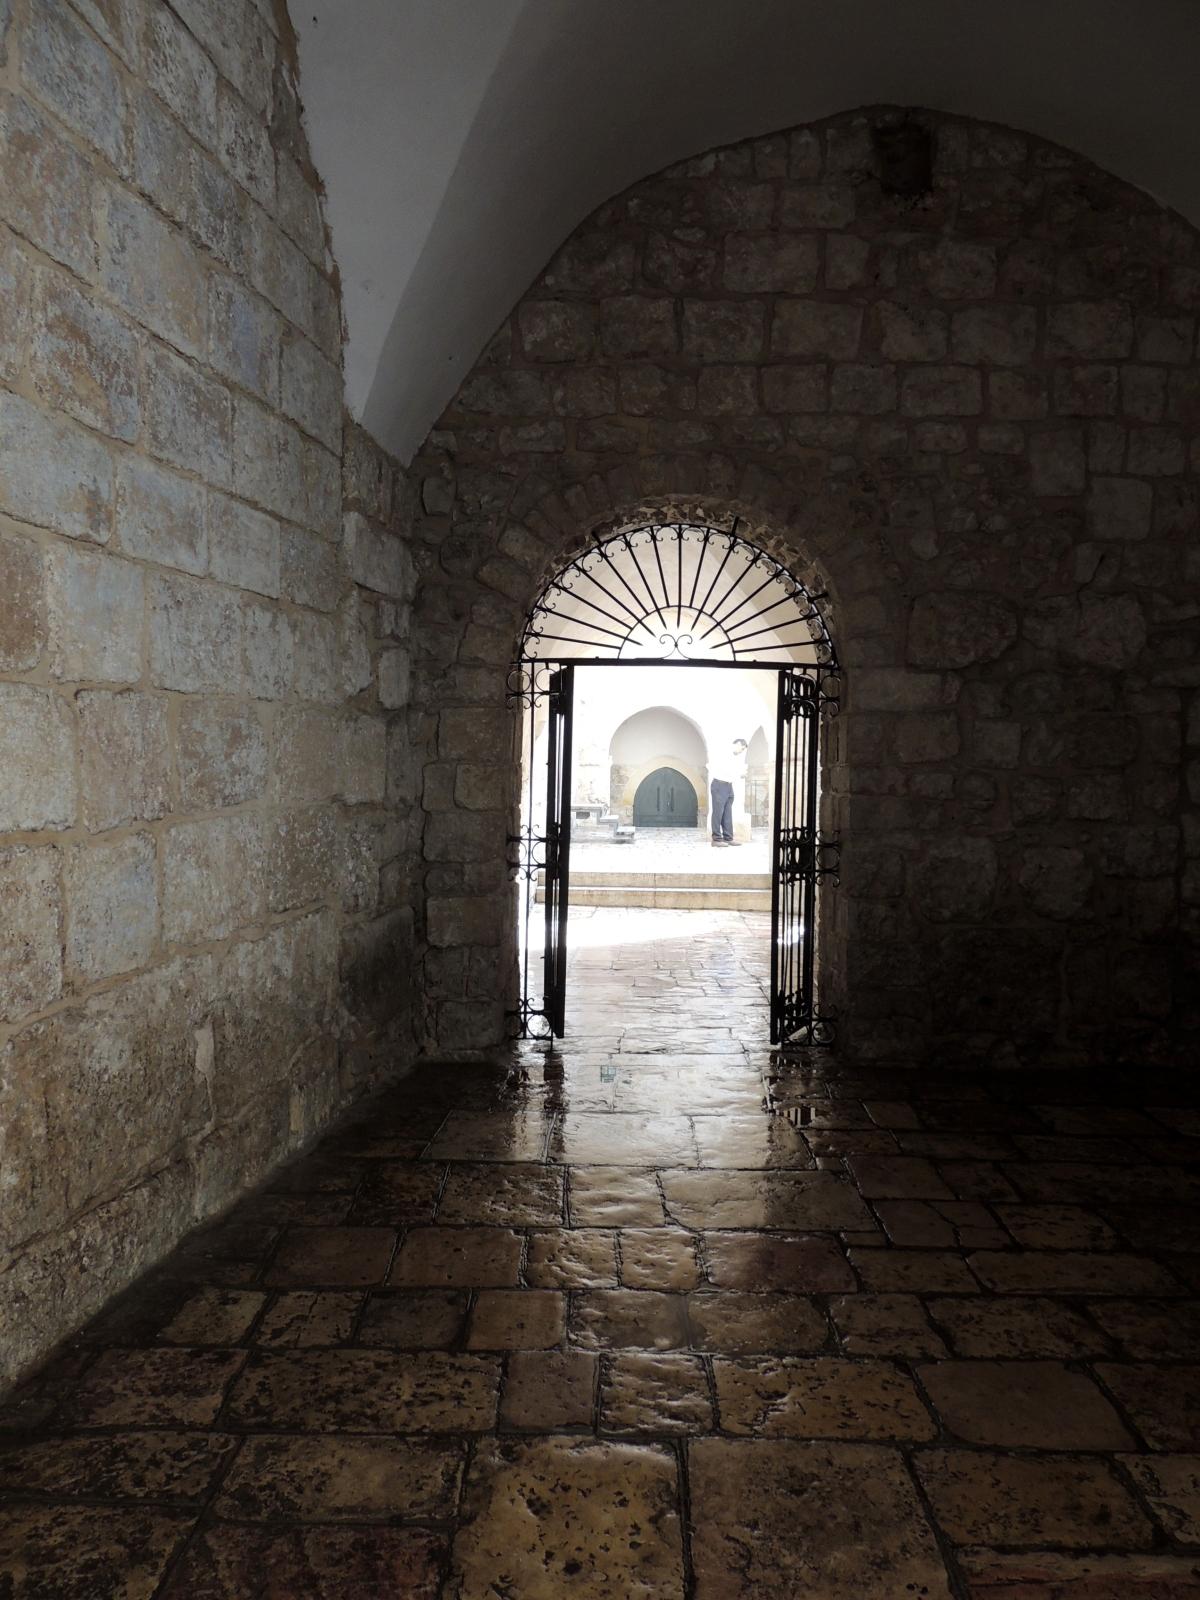 Wisdom's Gate